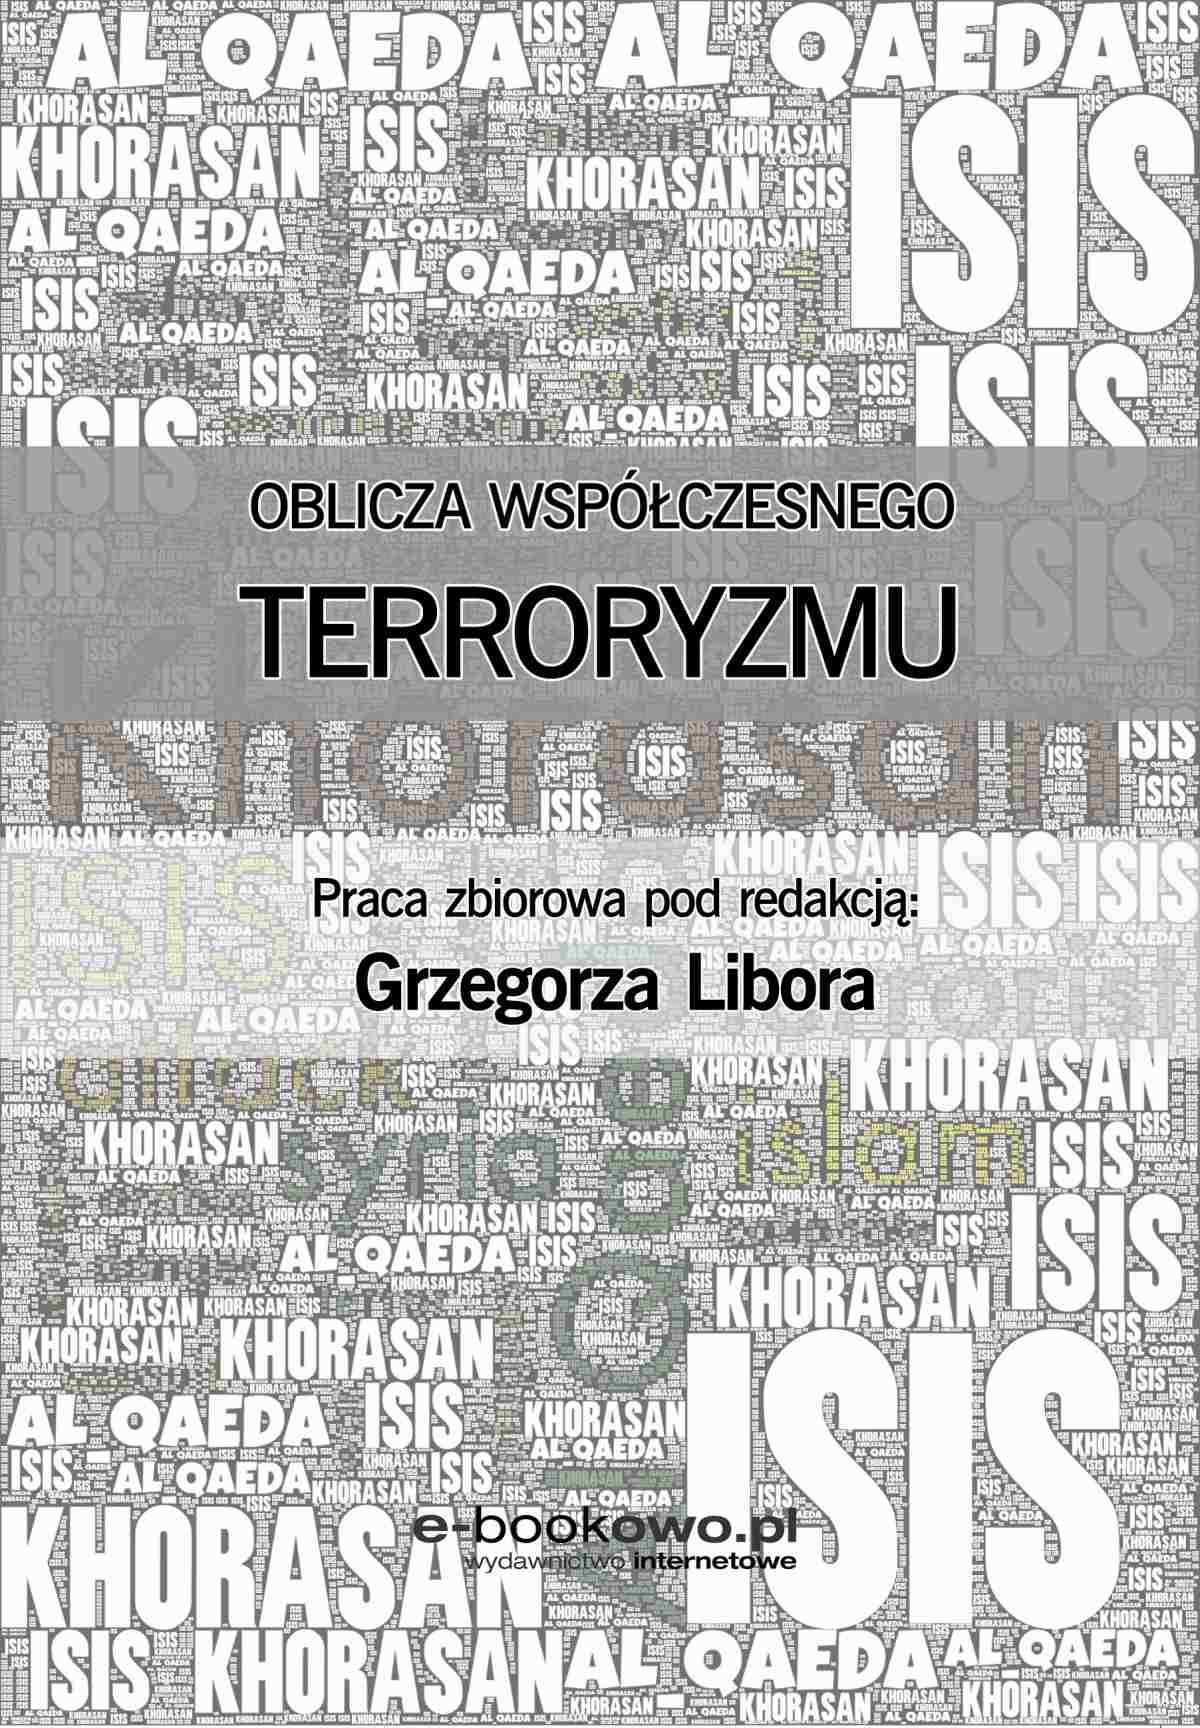 Oblicza współczesnego terroryzmu - Ebook (Książka PDF) do pobrania w formacie PDF